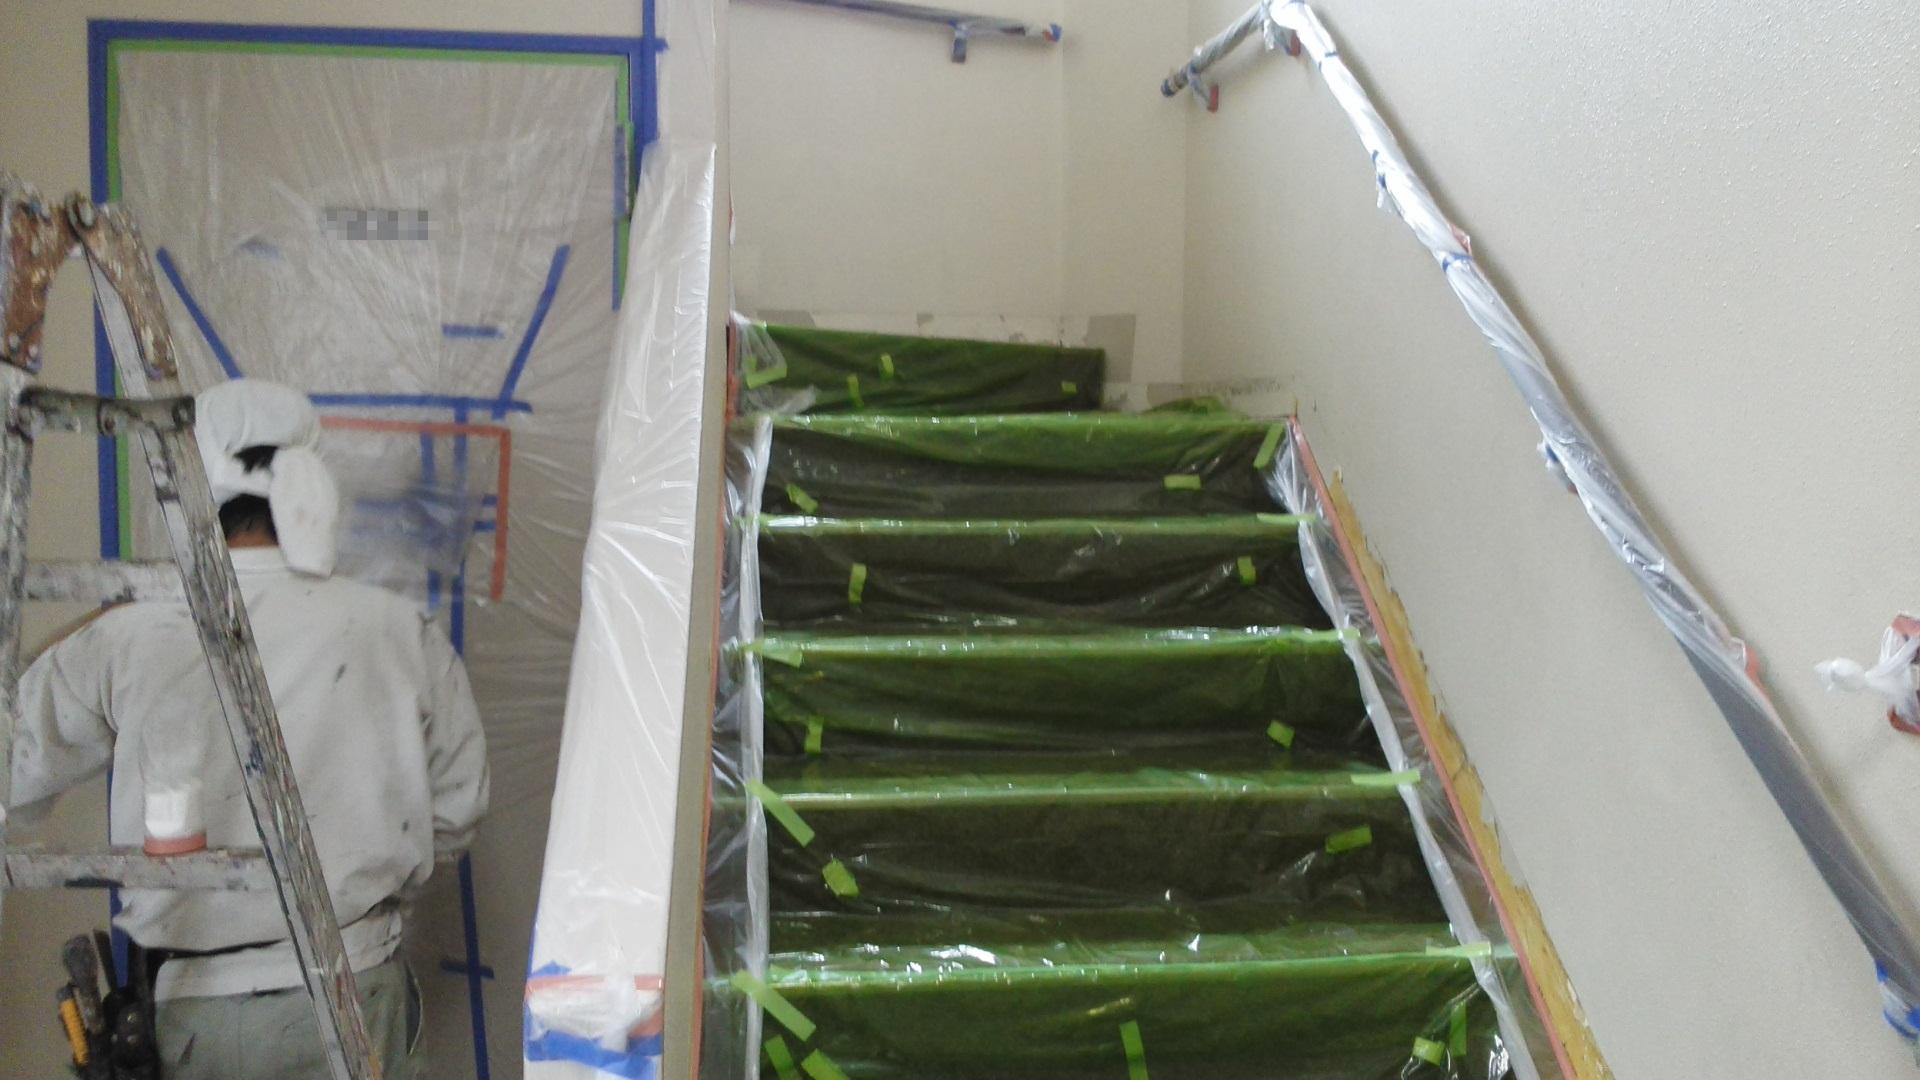 岡山市北区某施設様 階段養生作業